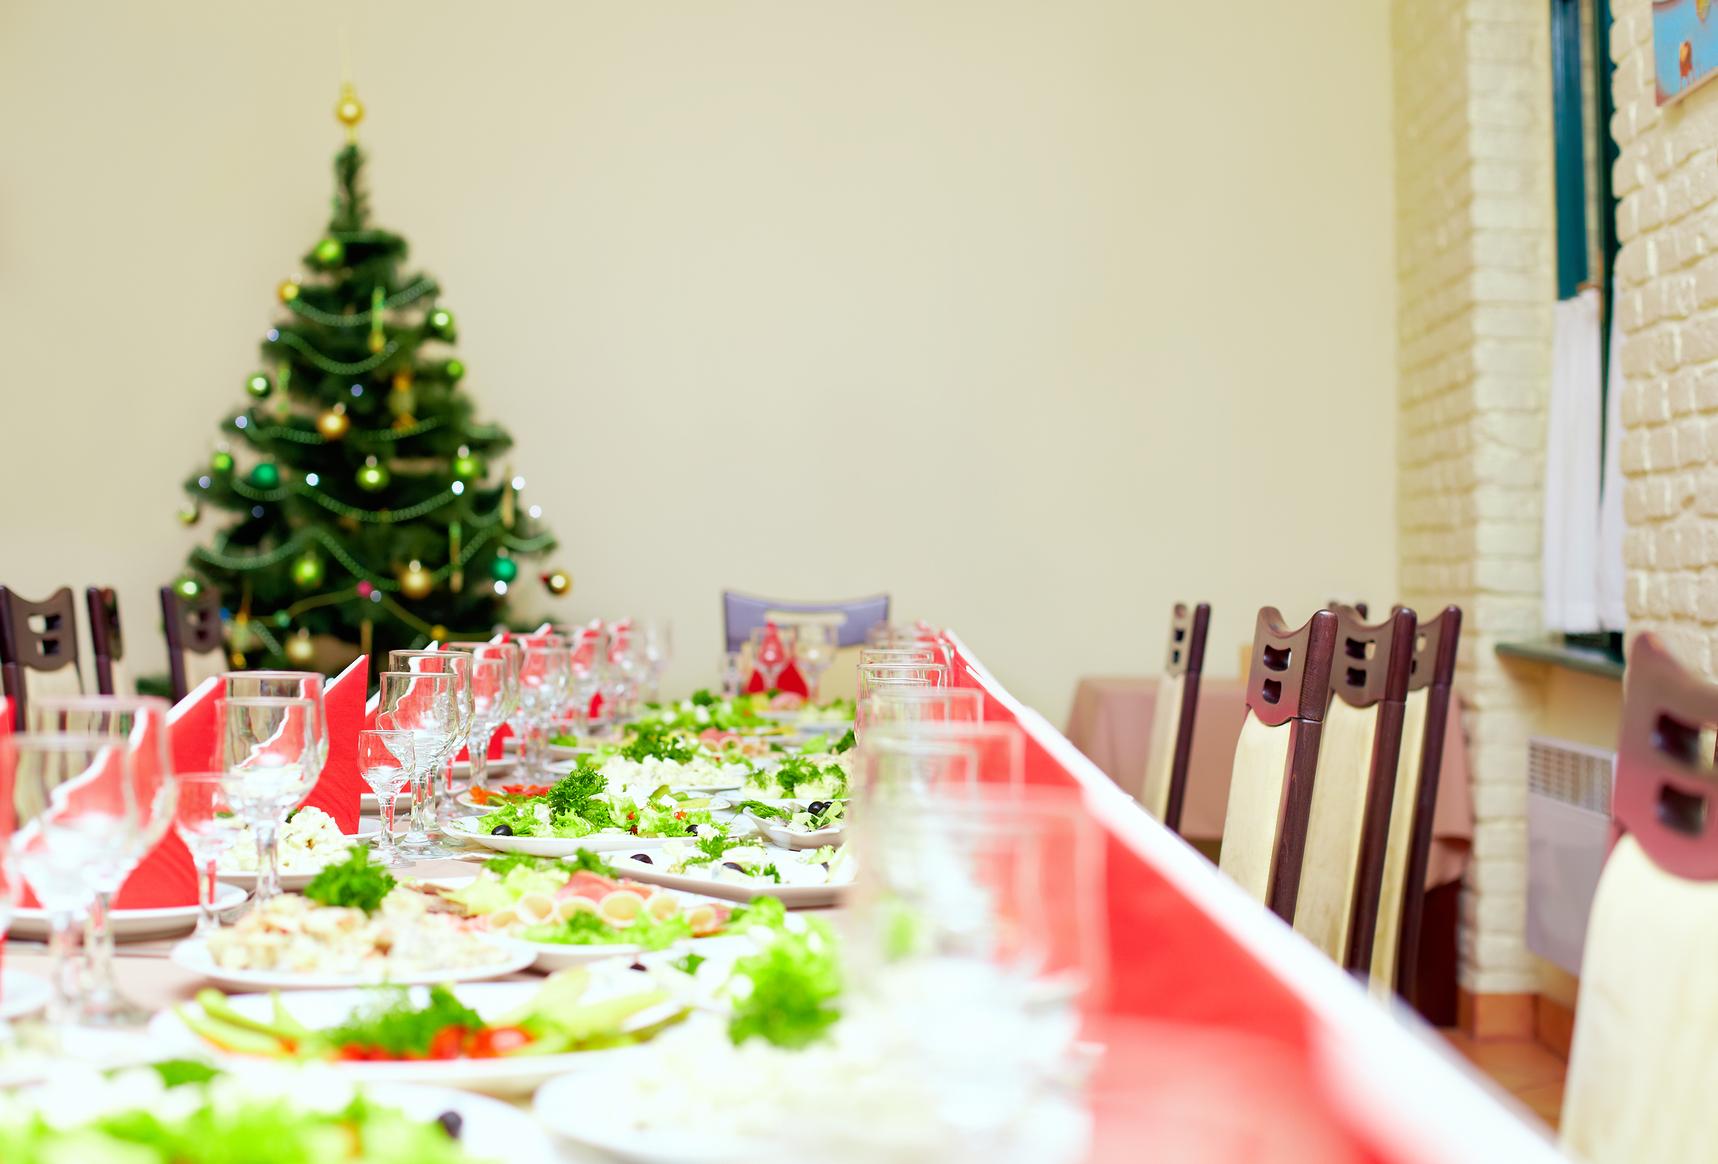 На сколько подорожает новогодний стол украинцев - Финансы ...: http://finance.bigmir.net/budget/44548-Na-skol-ko-podorozhaet-novogodnij-stol-ukraincev